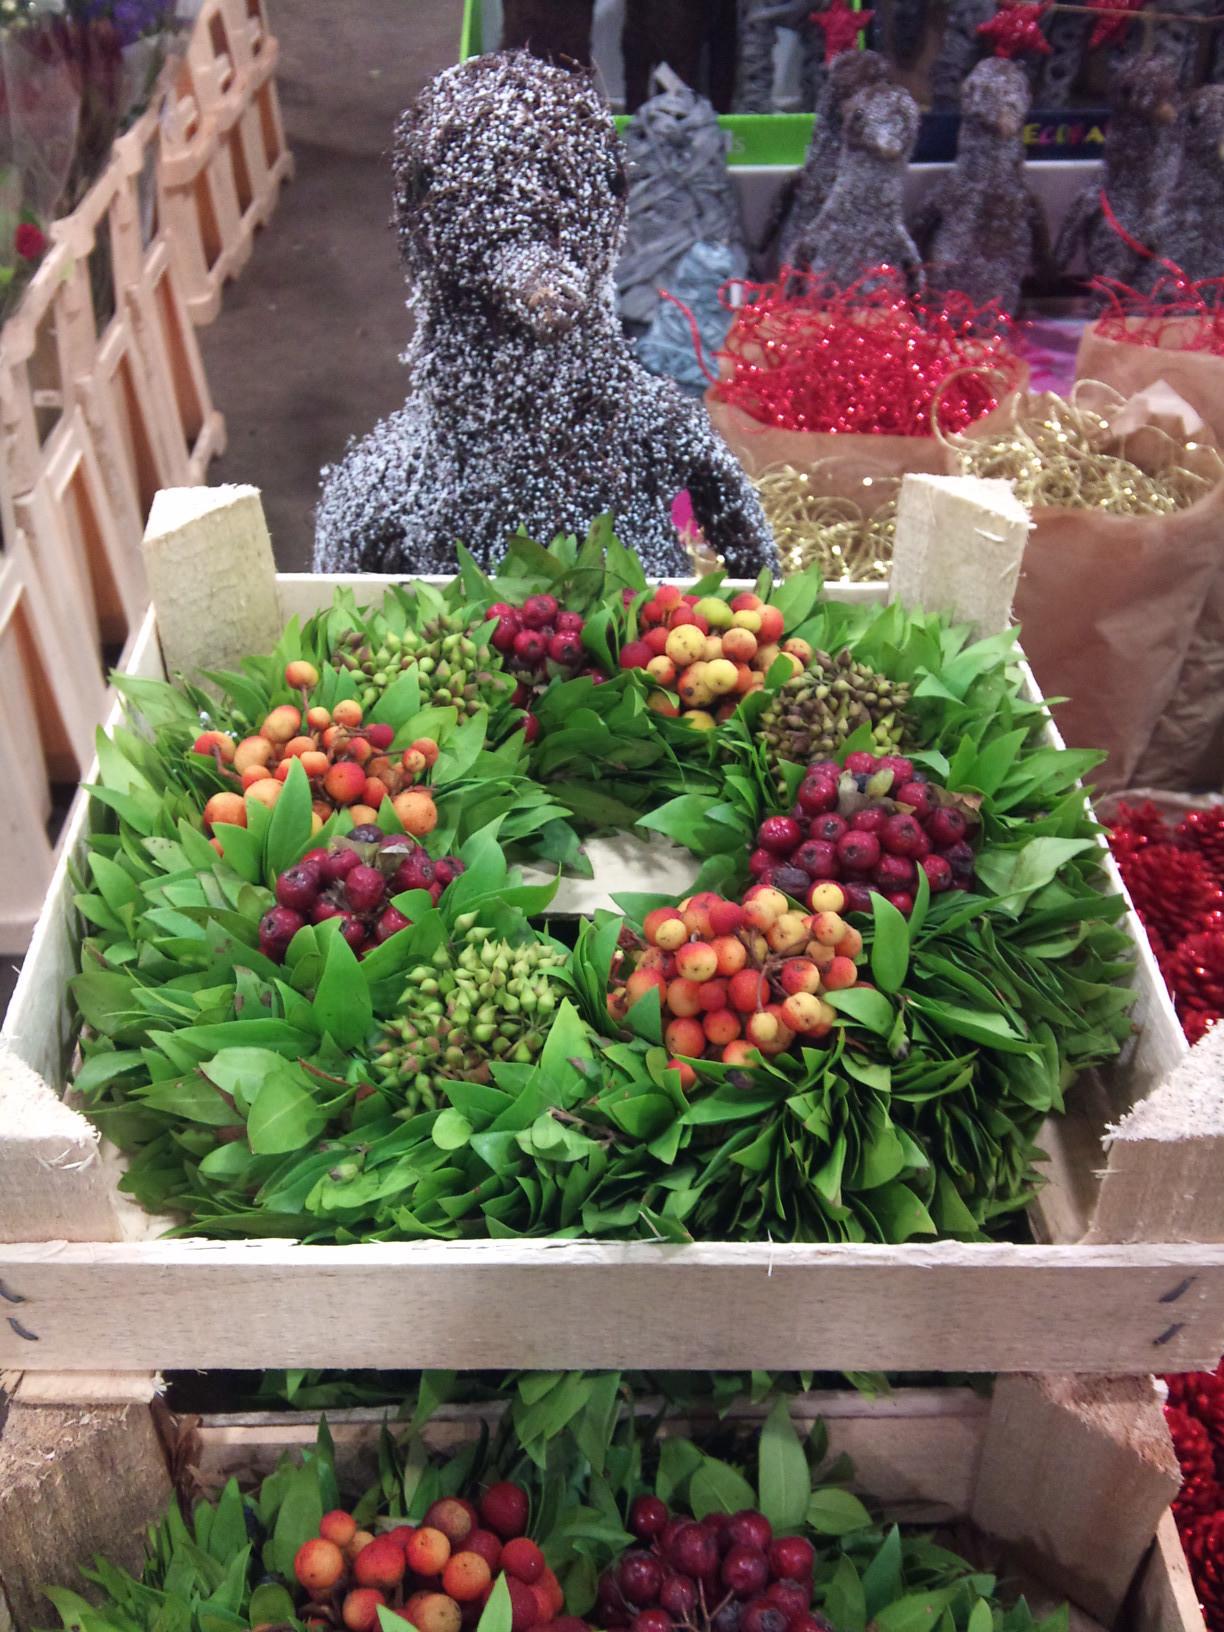 2012-12-JH-Flowers-wreath.jpg?mtime=20171003154119#asset:12653